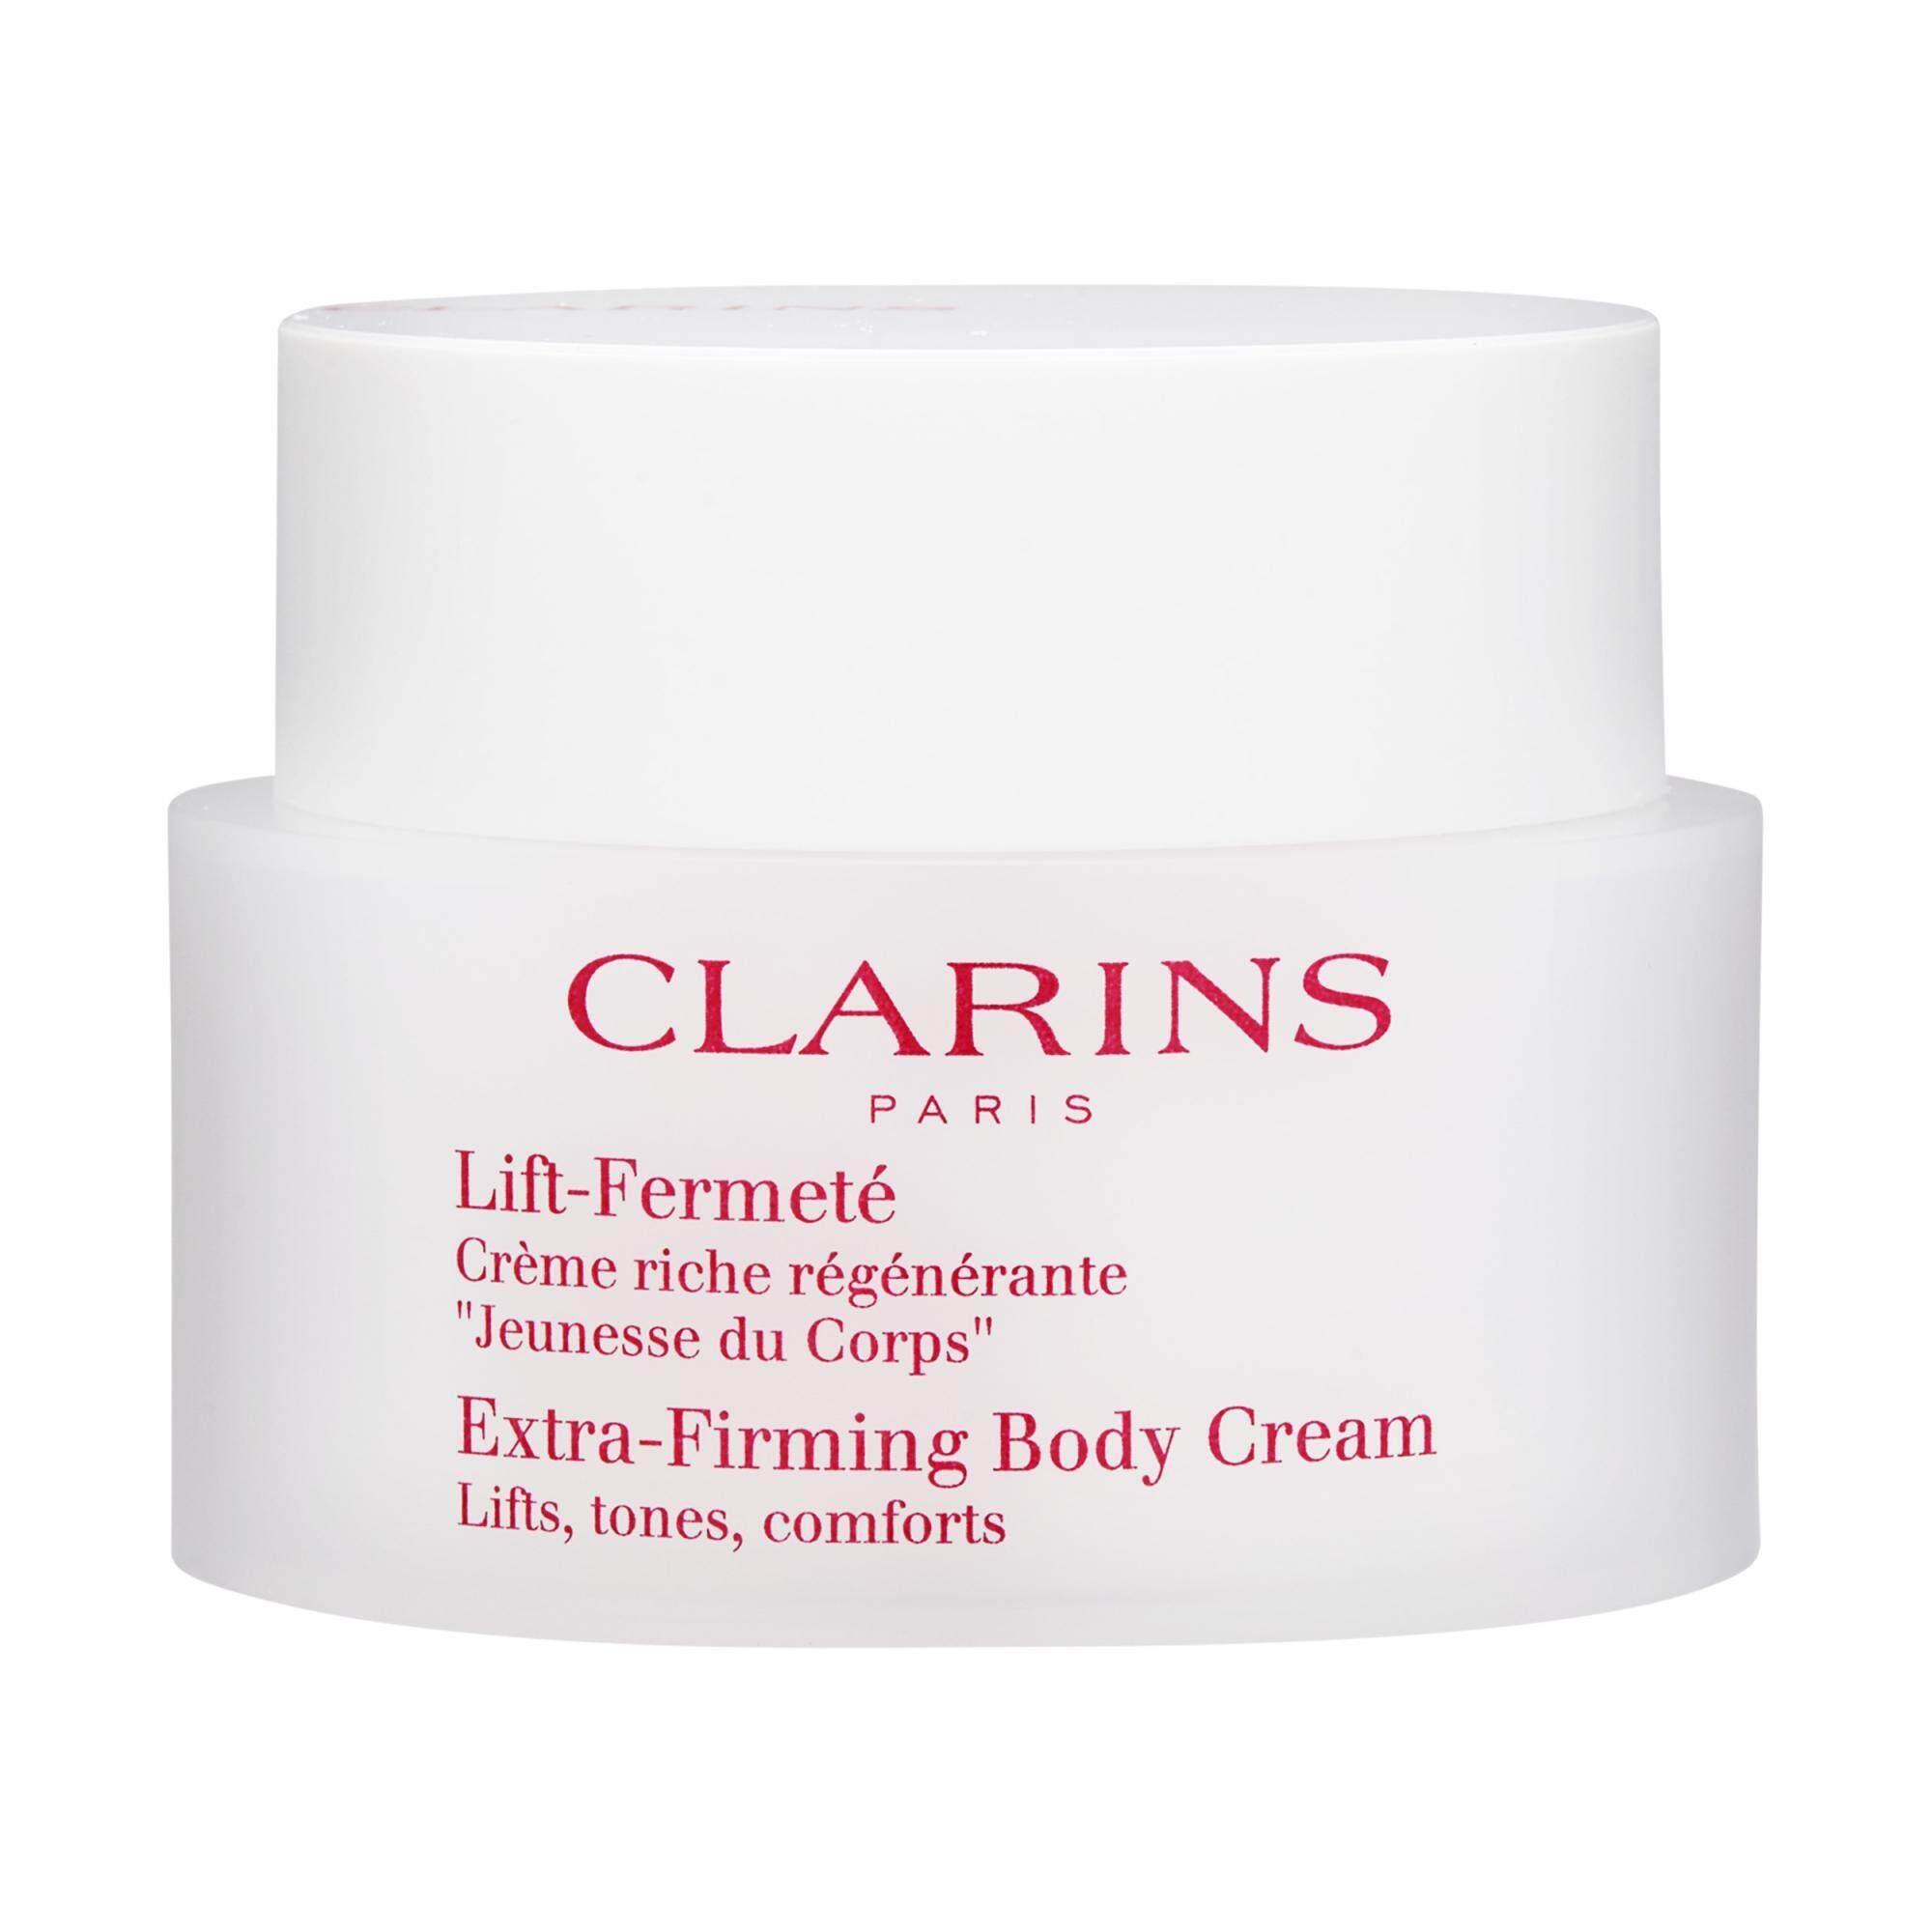 Clarins Extra Firming Body Cream 200ml 68oz Lazada Day 15ml Night